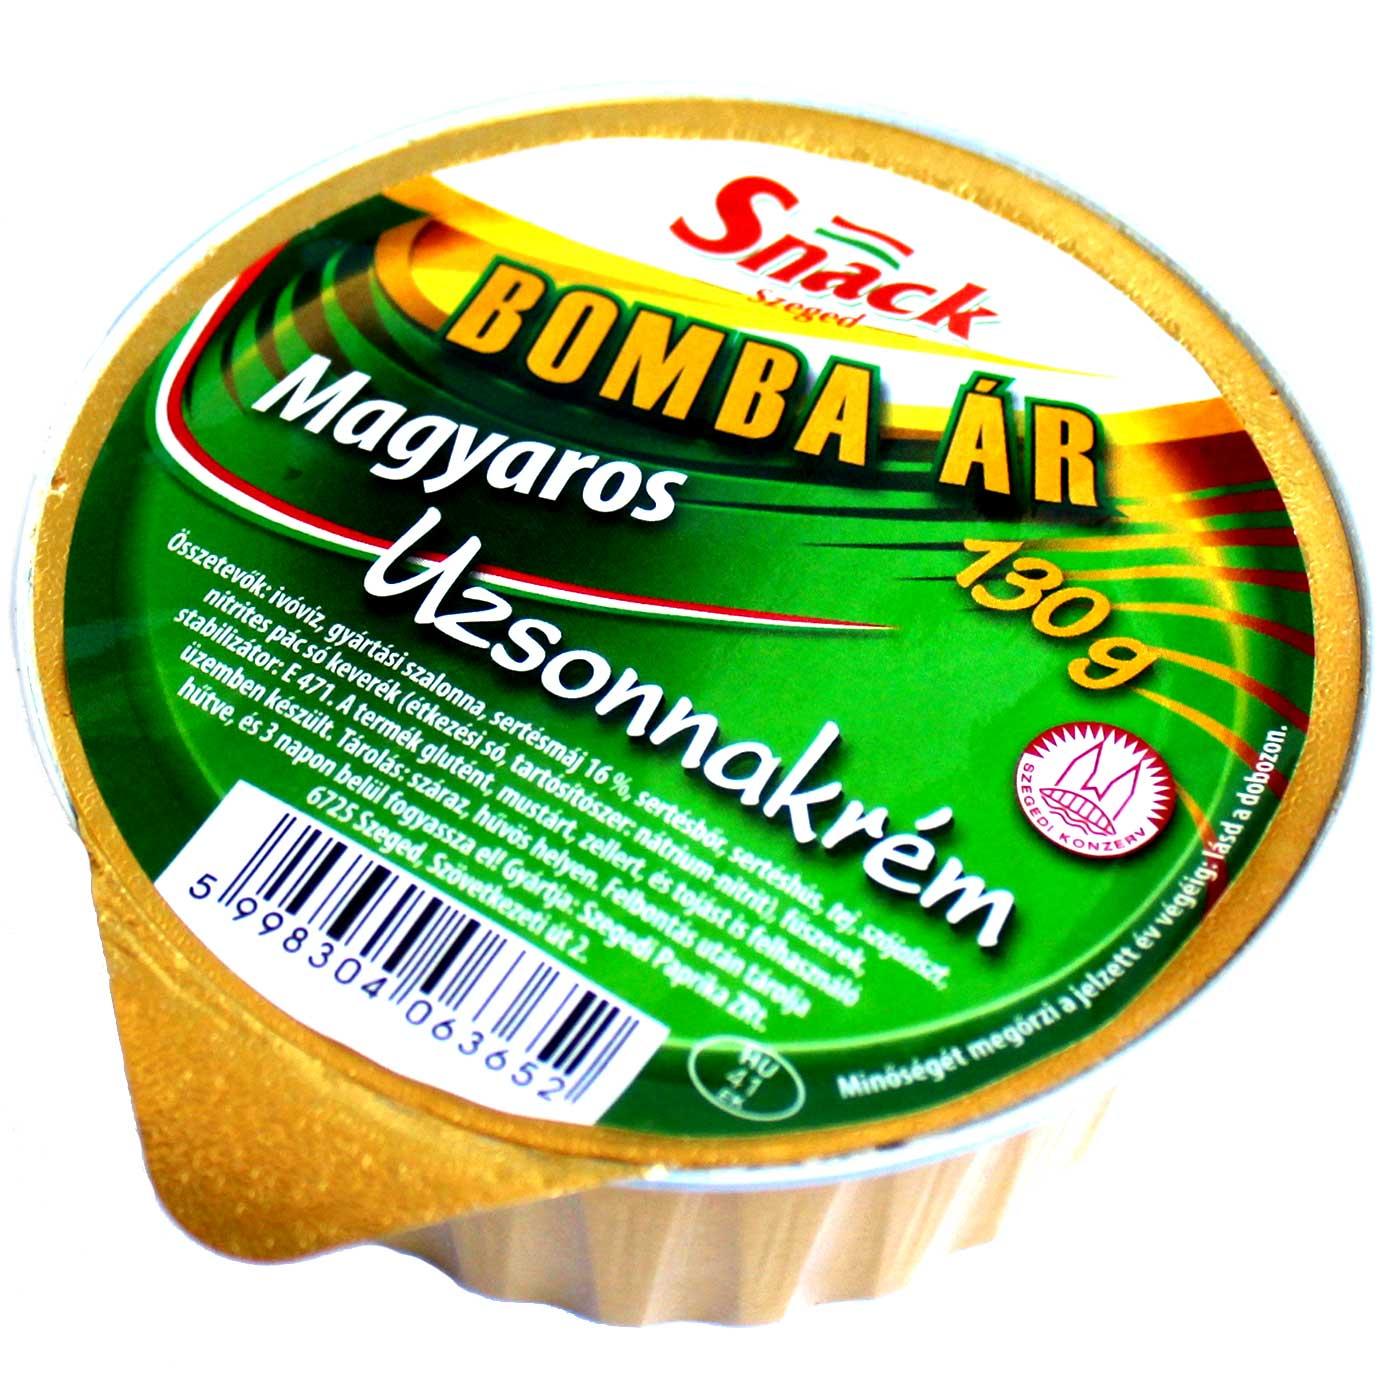 Ungarische fr hst ckspastete 130g for Ungarische feinkost